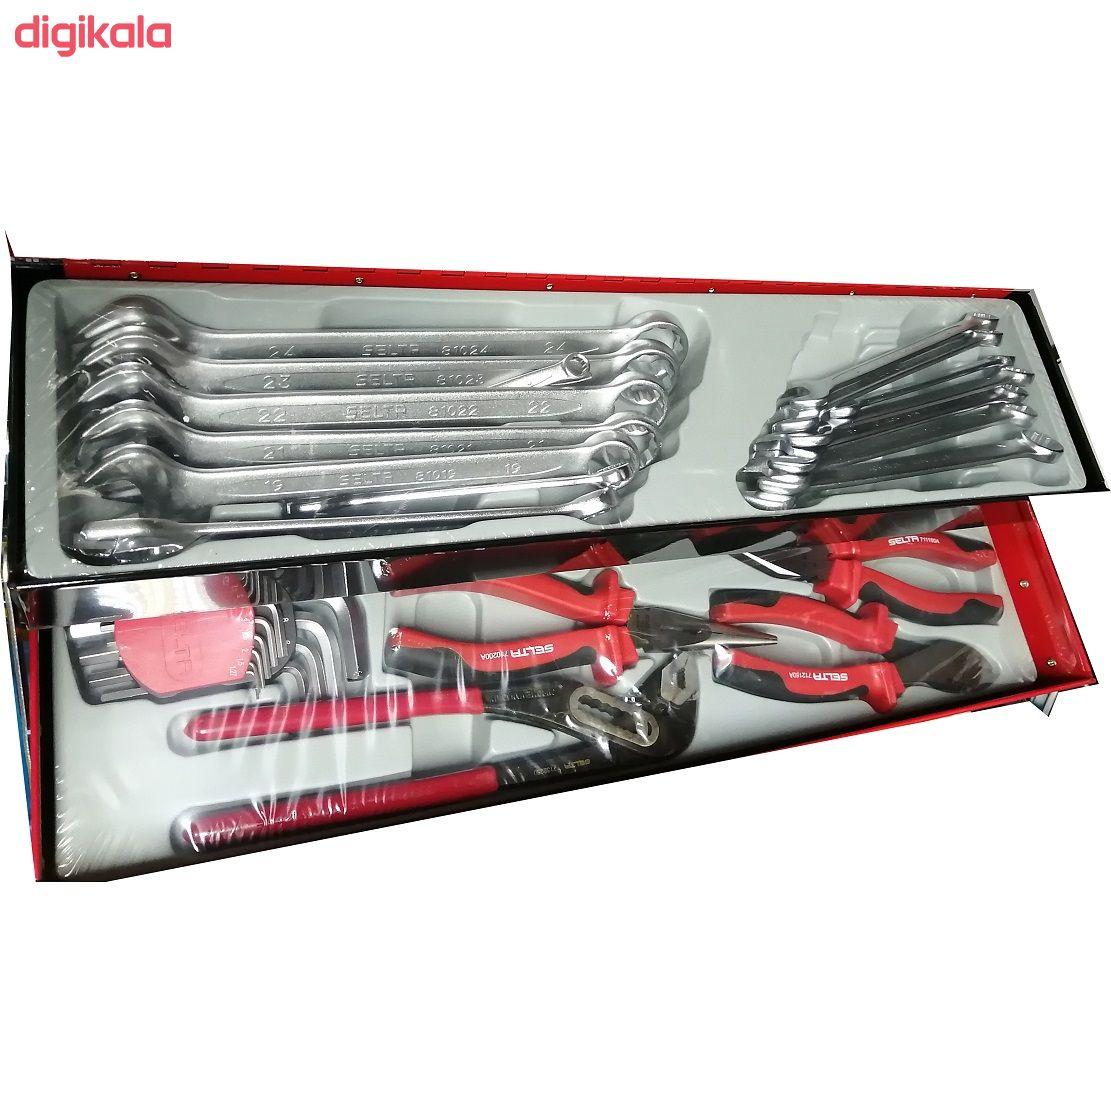 مجموعه 101 عددی ابزار سلتا مدل 10205A main 1 3